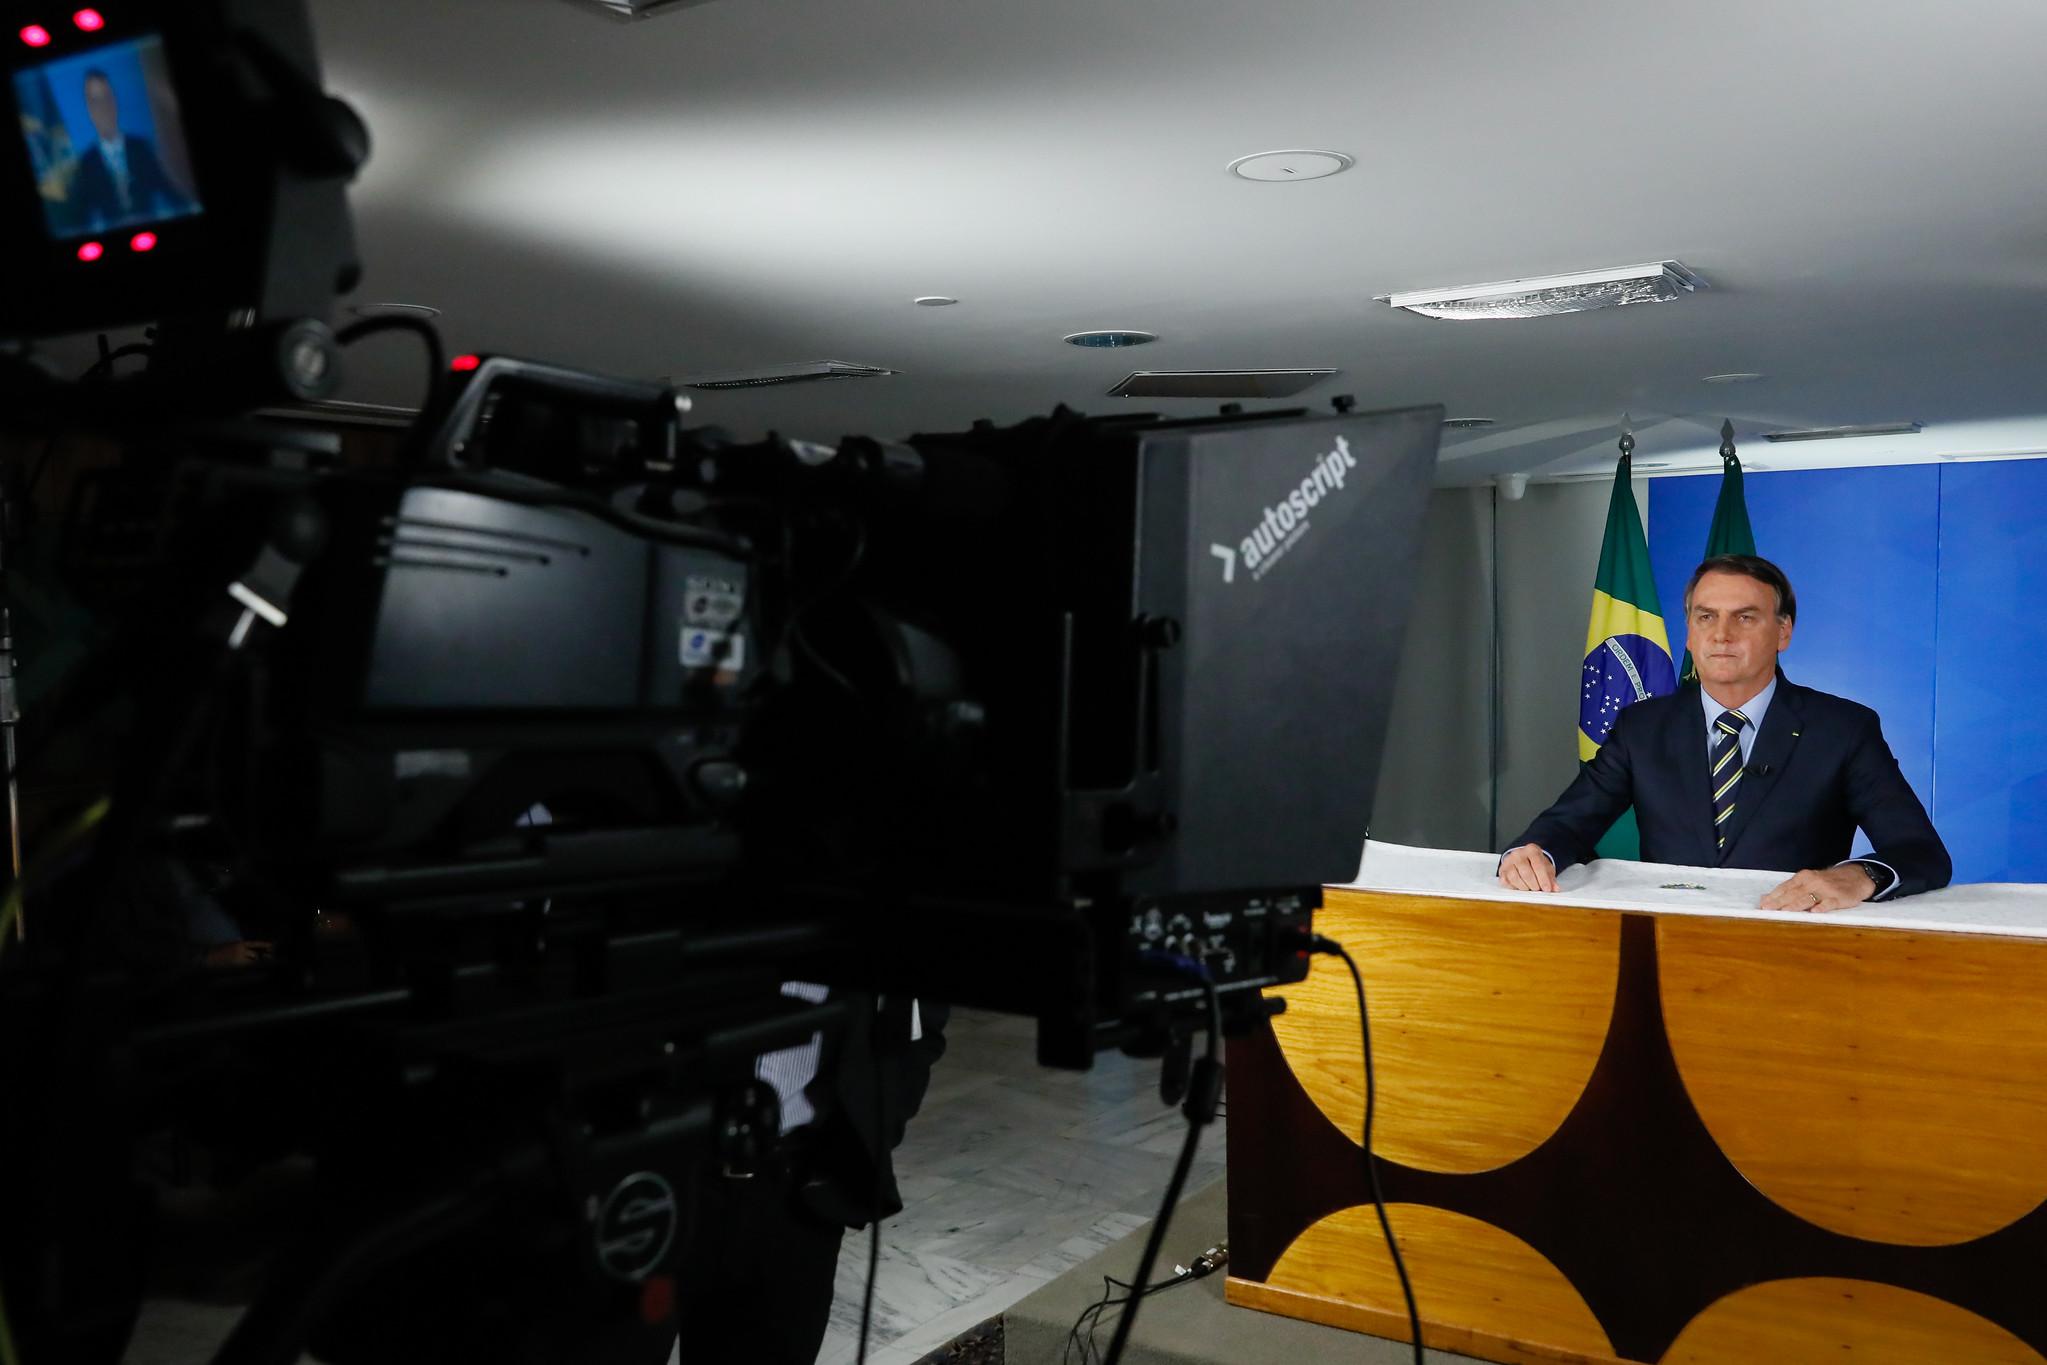 Críticas de Bolsonaro colocam instituições em rota de choque